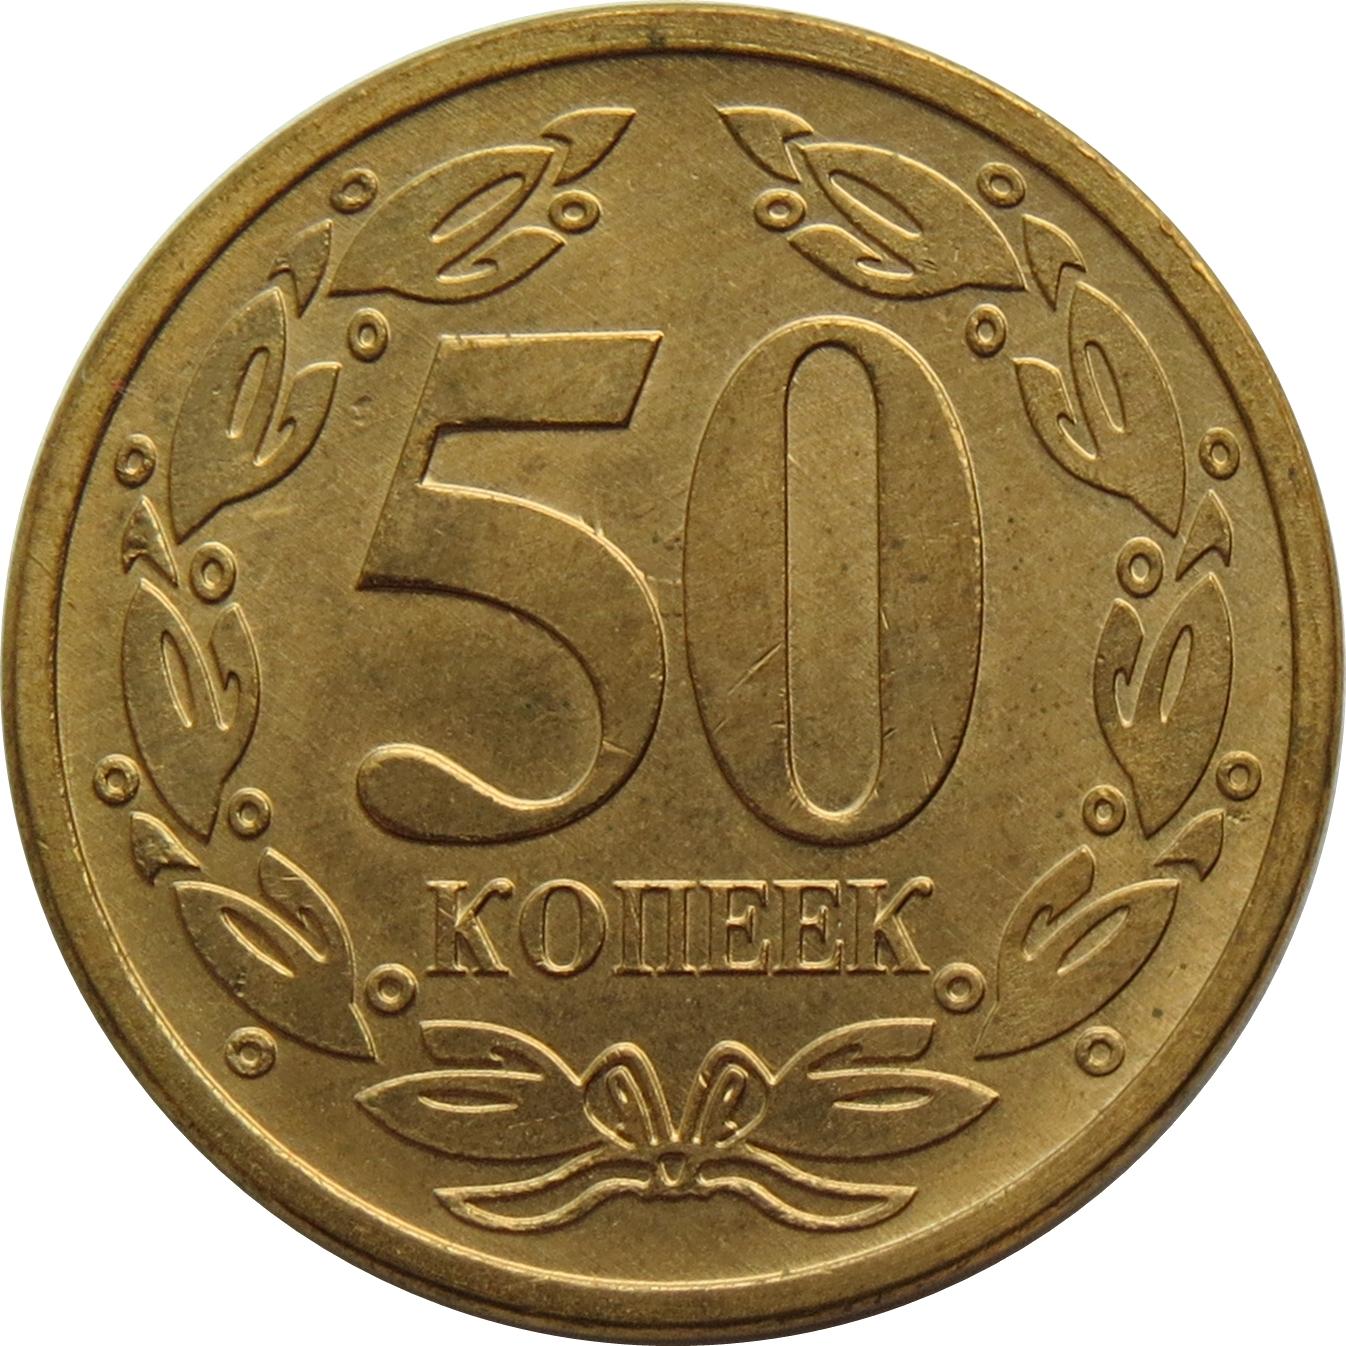 Приднепровскаямолдавскаяреспублика200550копеек 1 злотый 1925